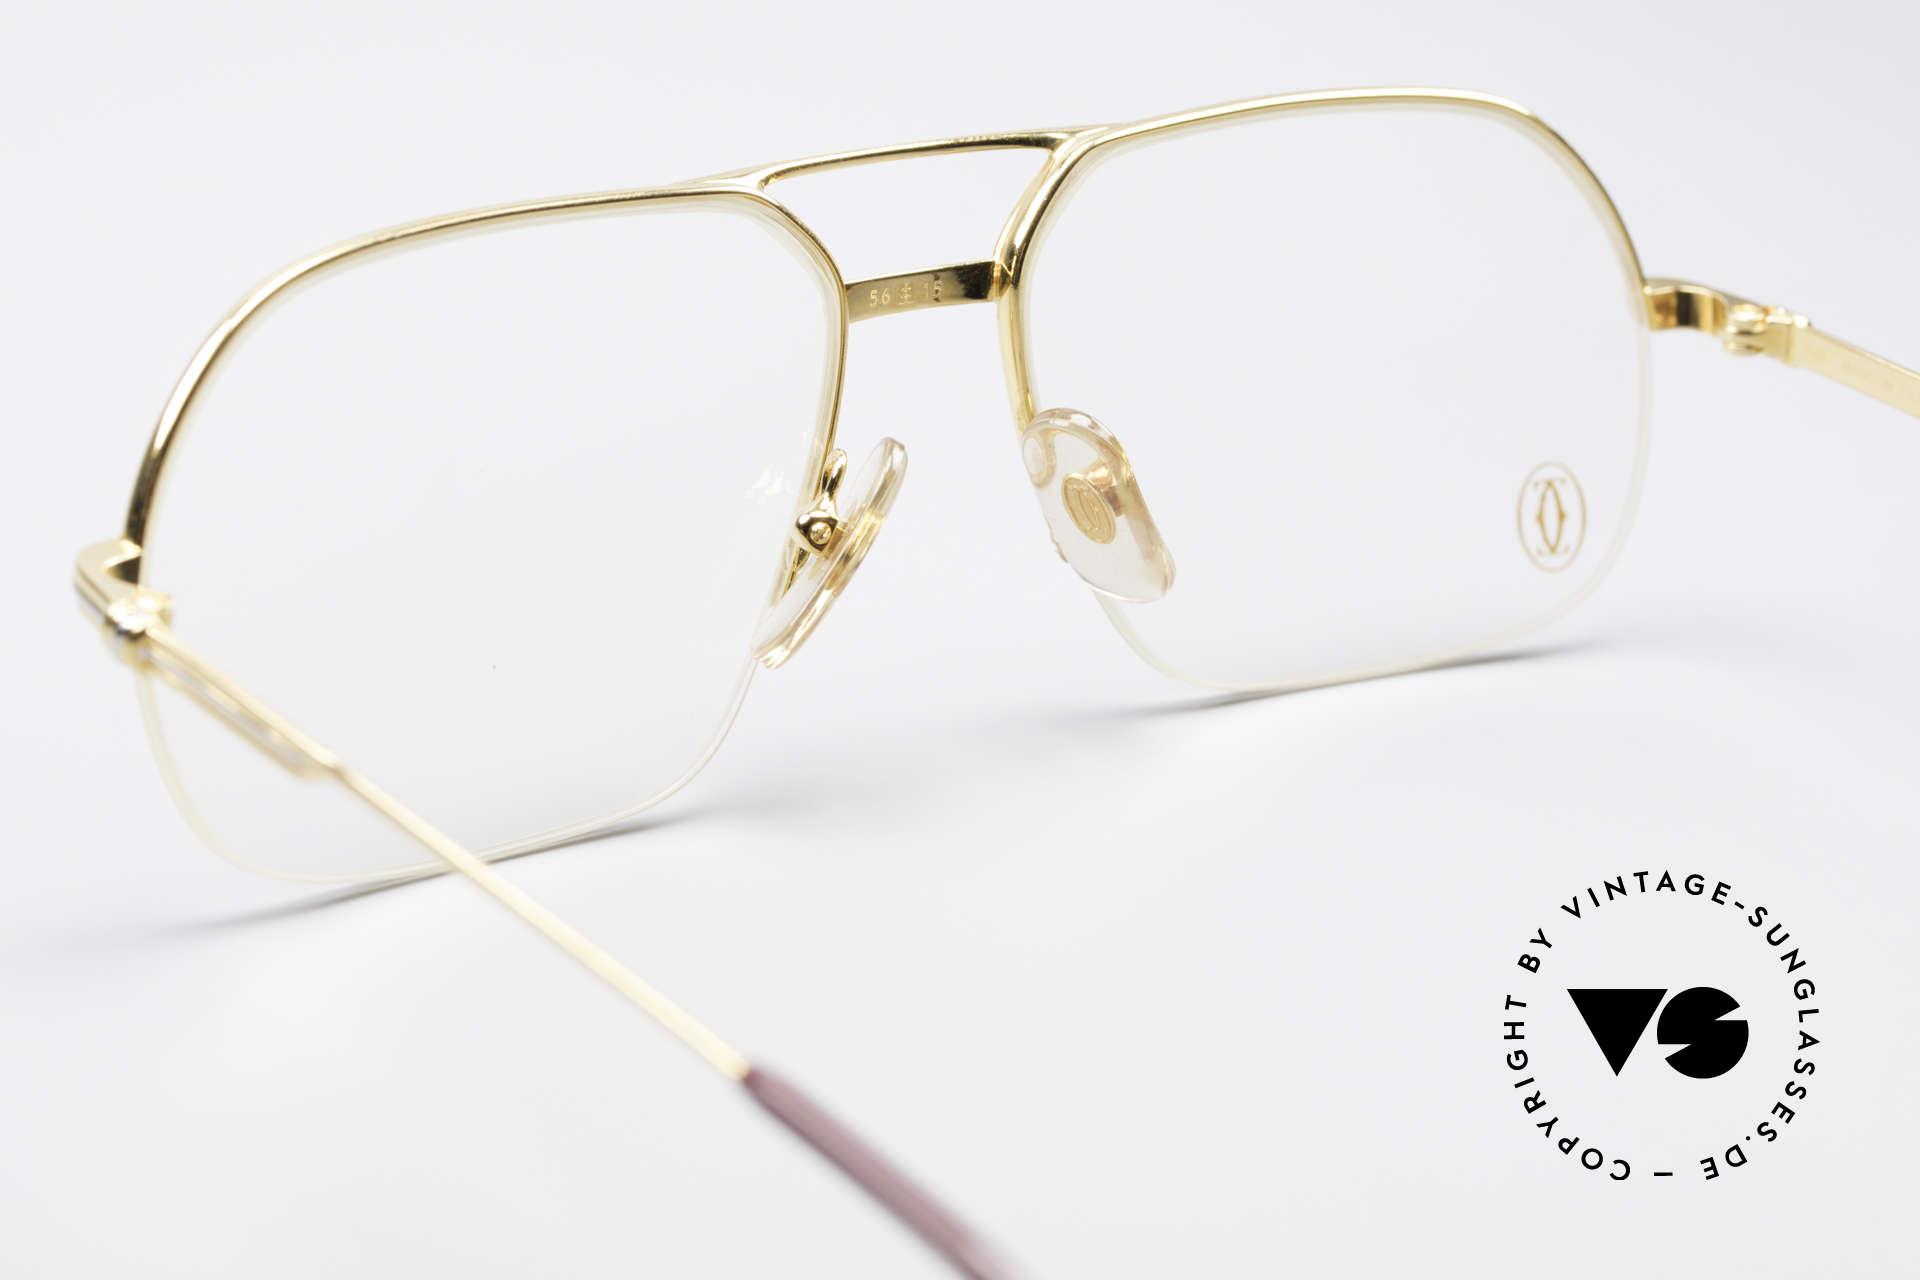 Cartier Orsay Halbrand Luxus Herrenbrille, flexibler Halbrahmen (Top-Qualität), Luxusbrille!, Passend für Herren